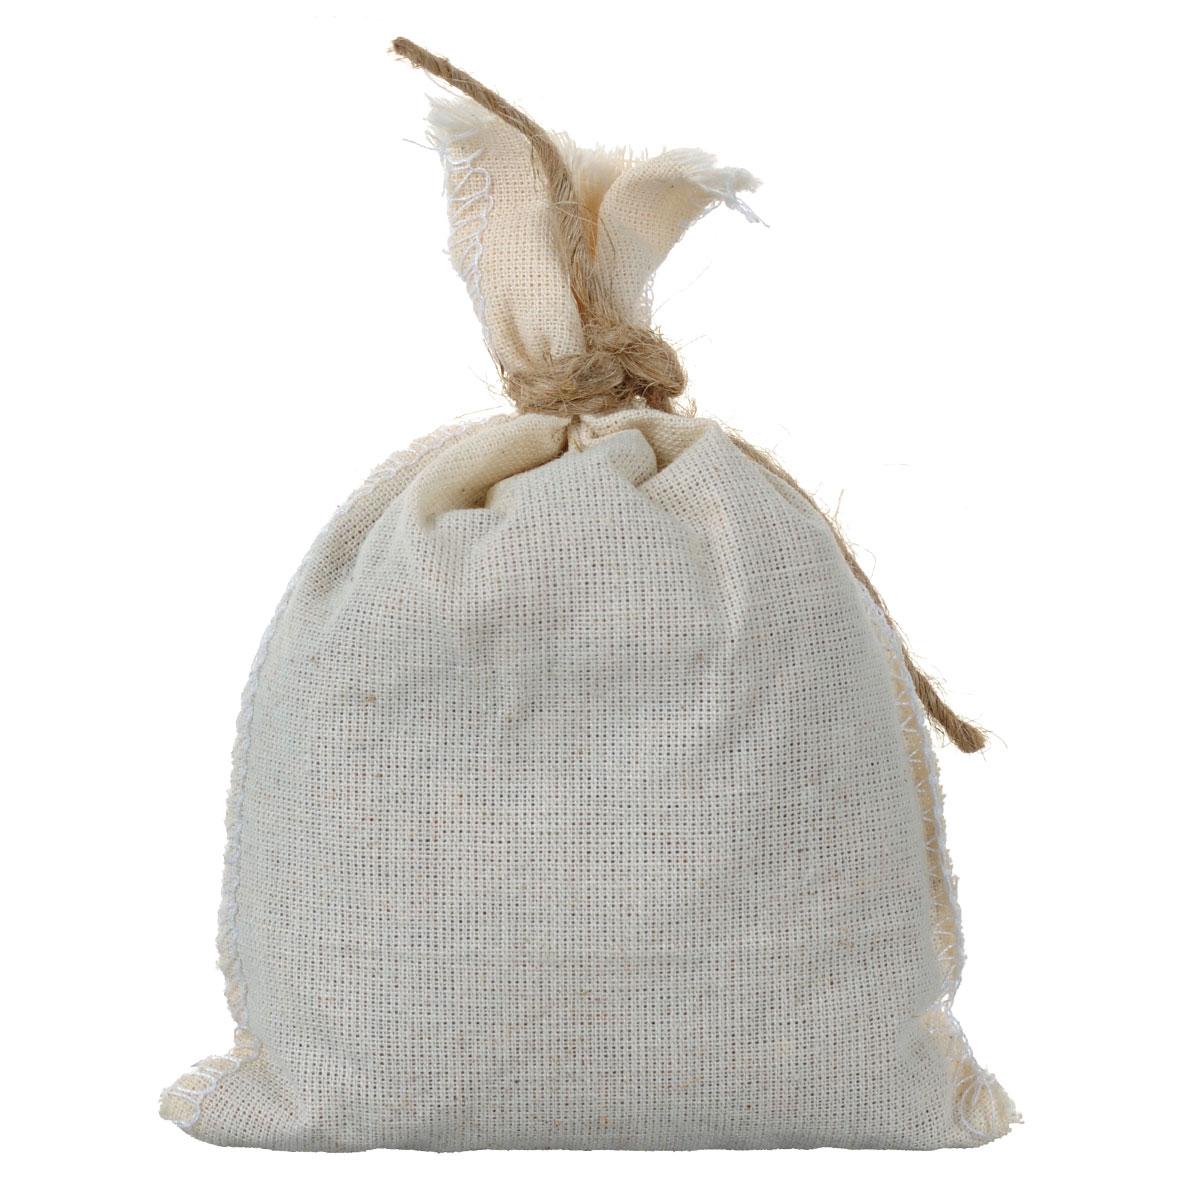 Запарка банная травяная Можжевельник и зверобой, 30 гK100Травяная запарка для бани Можжевельник и зверобой позволит расслабиться и насладиться приятным ароматом натуральных трав. Живительная сила 100% натуральных травяных сборов способствует оздоровлению всего организма: - укрепляет иммунитет, - тонизирует, - витаминизирует, - выводит токсины, - рекомендована профессиональными парильщиками. Применение для бани и ванн: Мешочек заливается кипятком (3 л) и настаивается 15-20 минут. Емкость желательно закрыть крышкой. Рекомендуется принимать ванну в течение 15 минут.